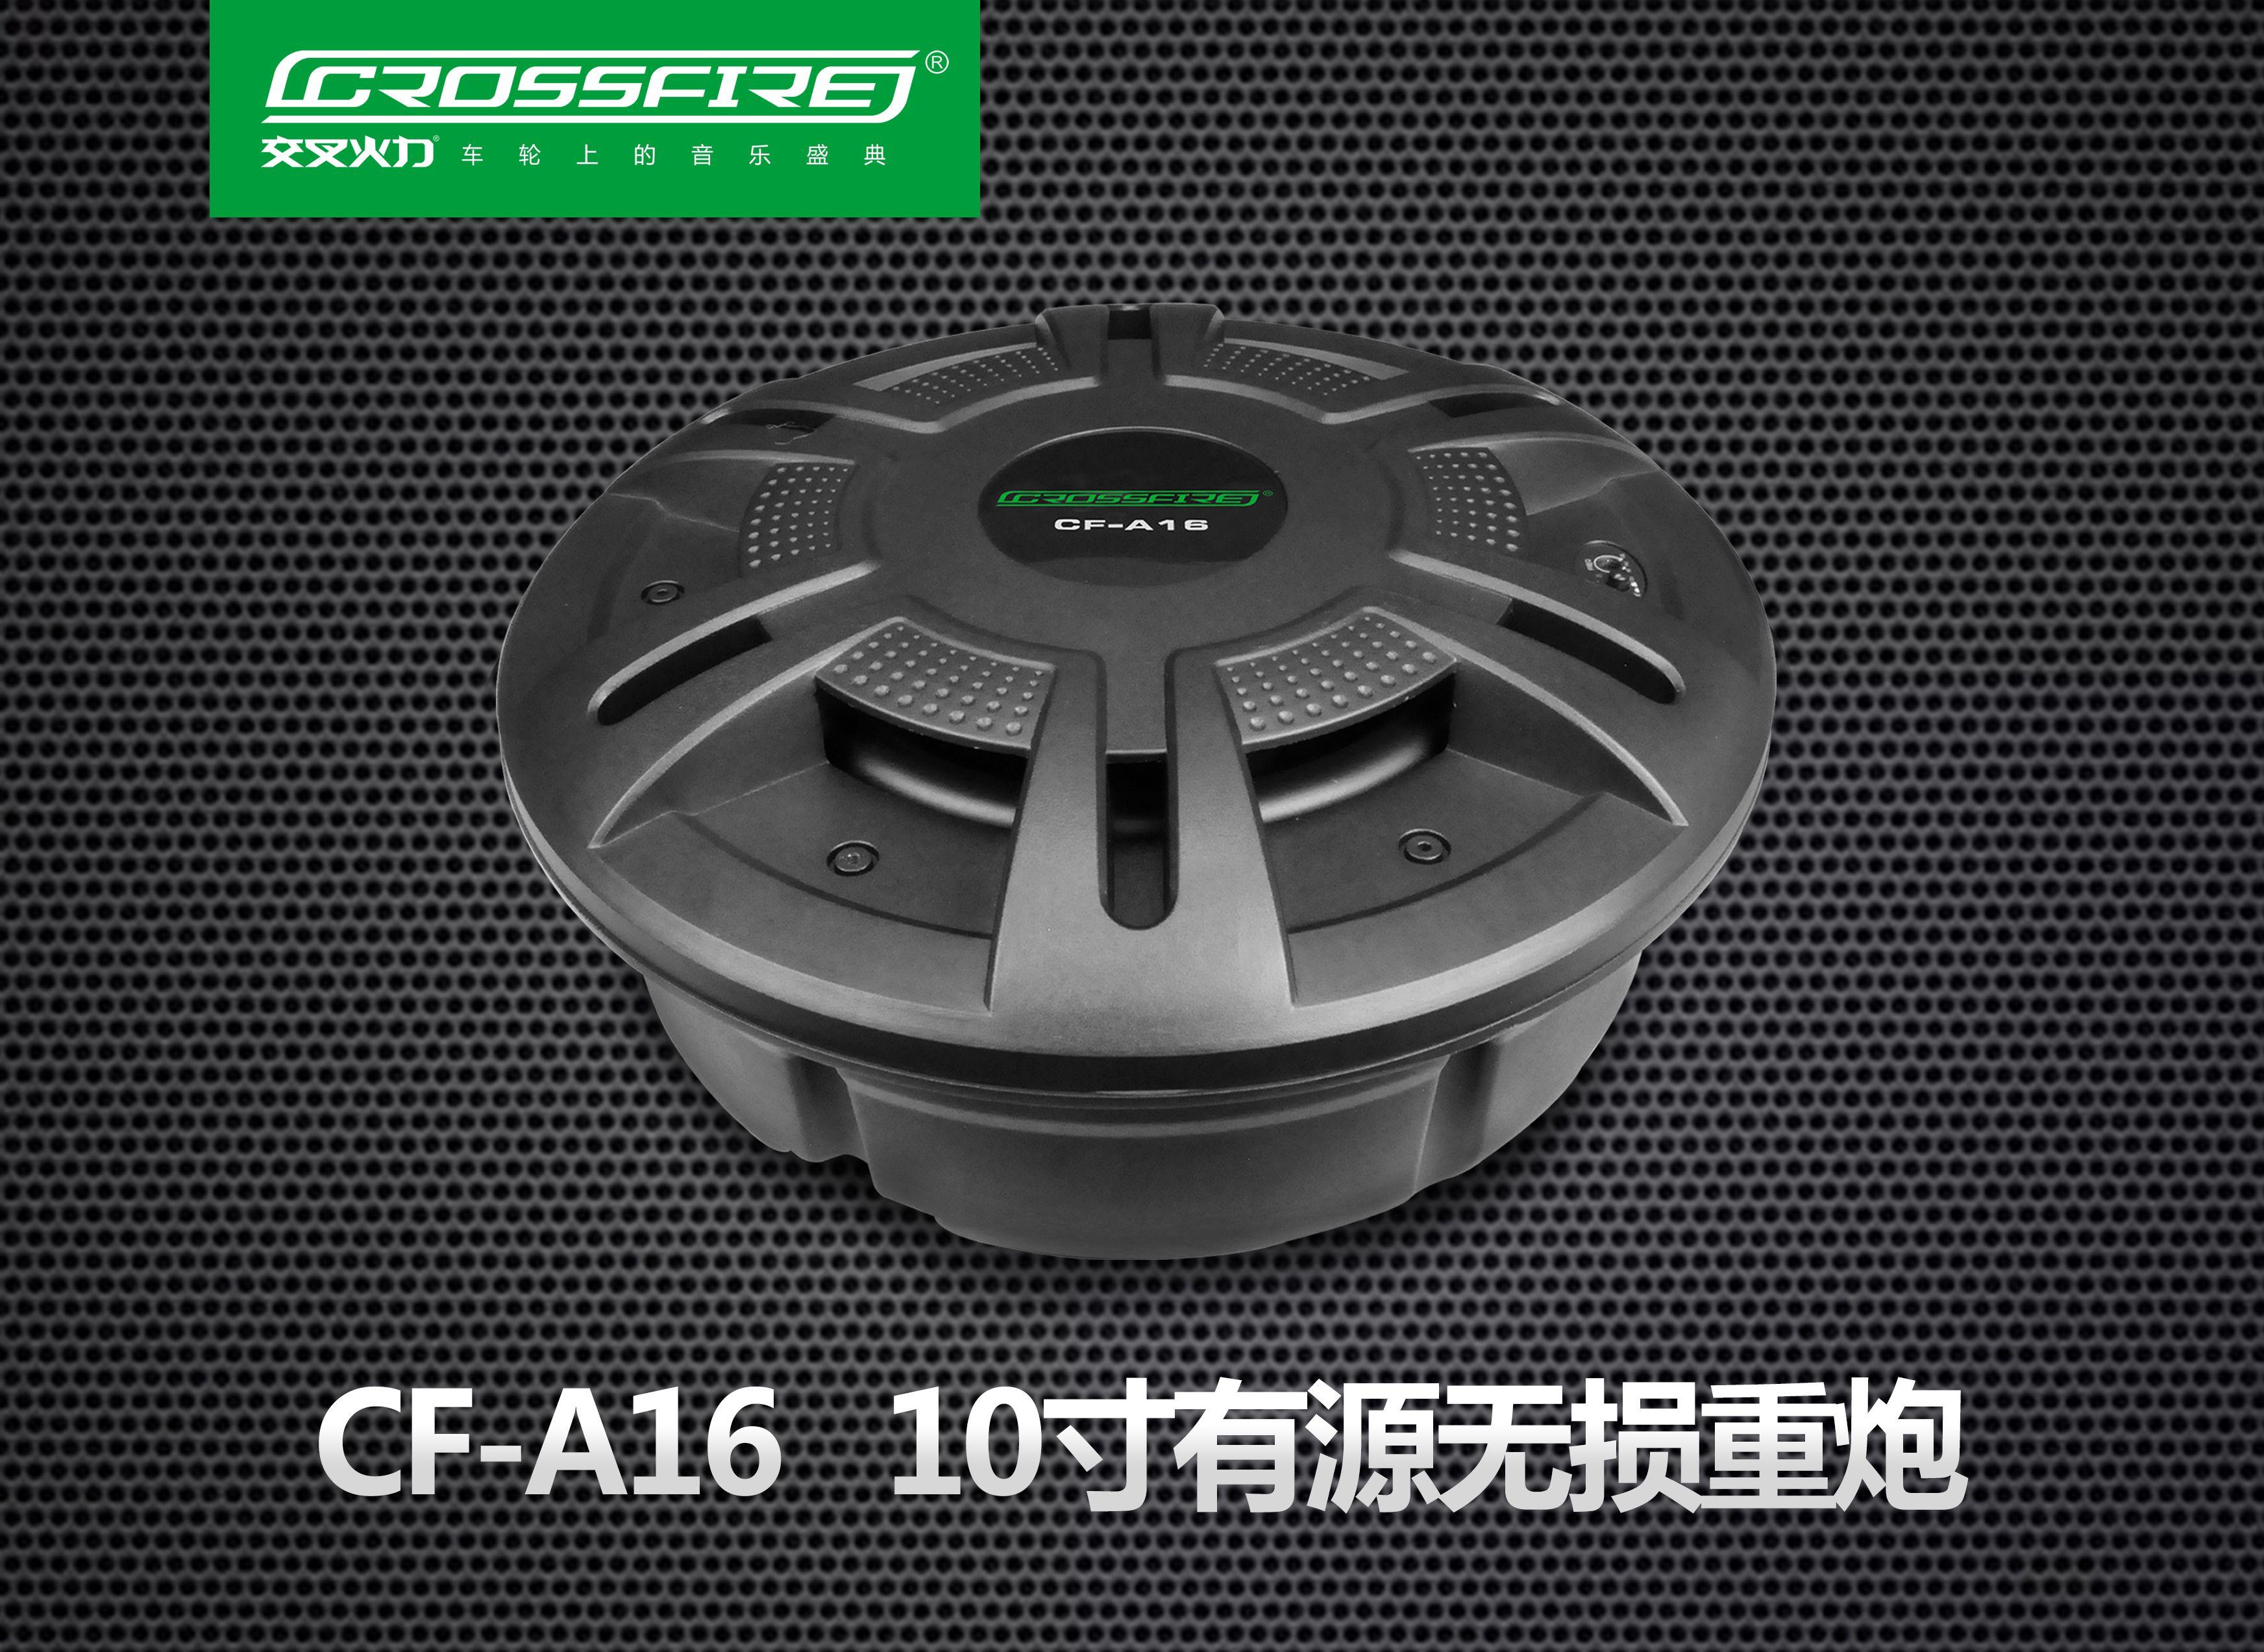 CF-A16 十寸大功率备胎炮